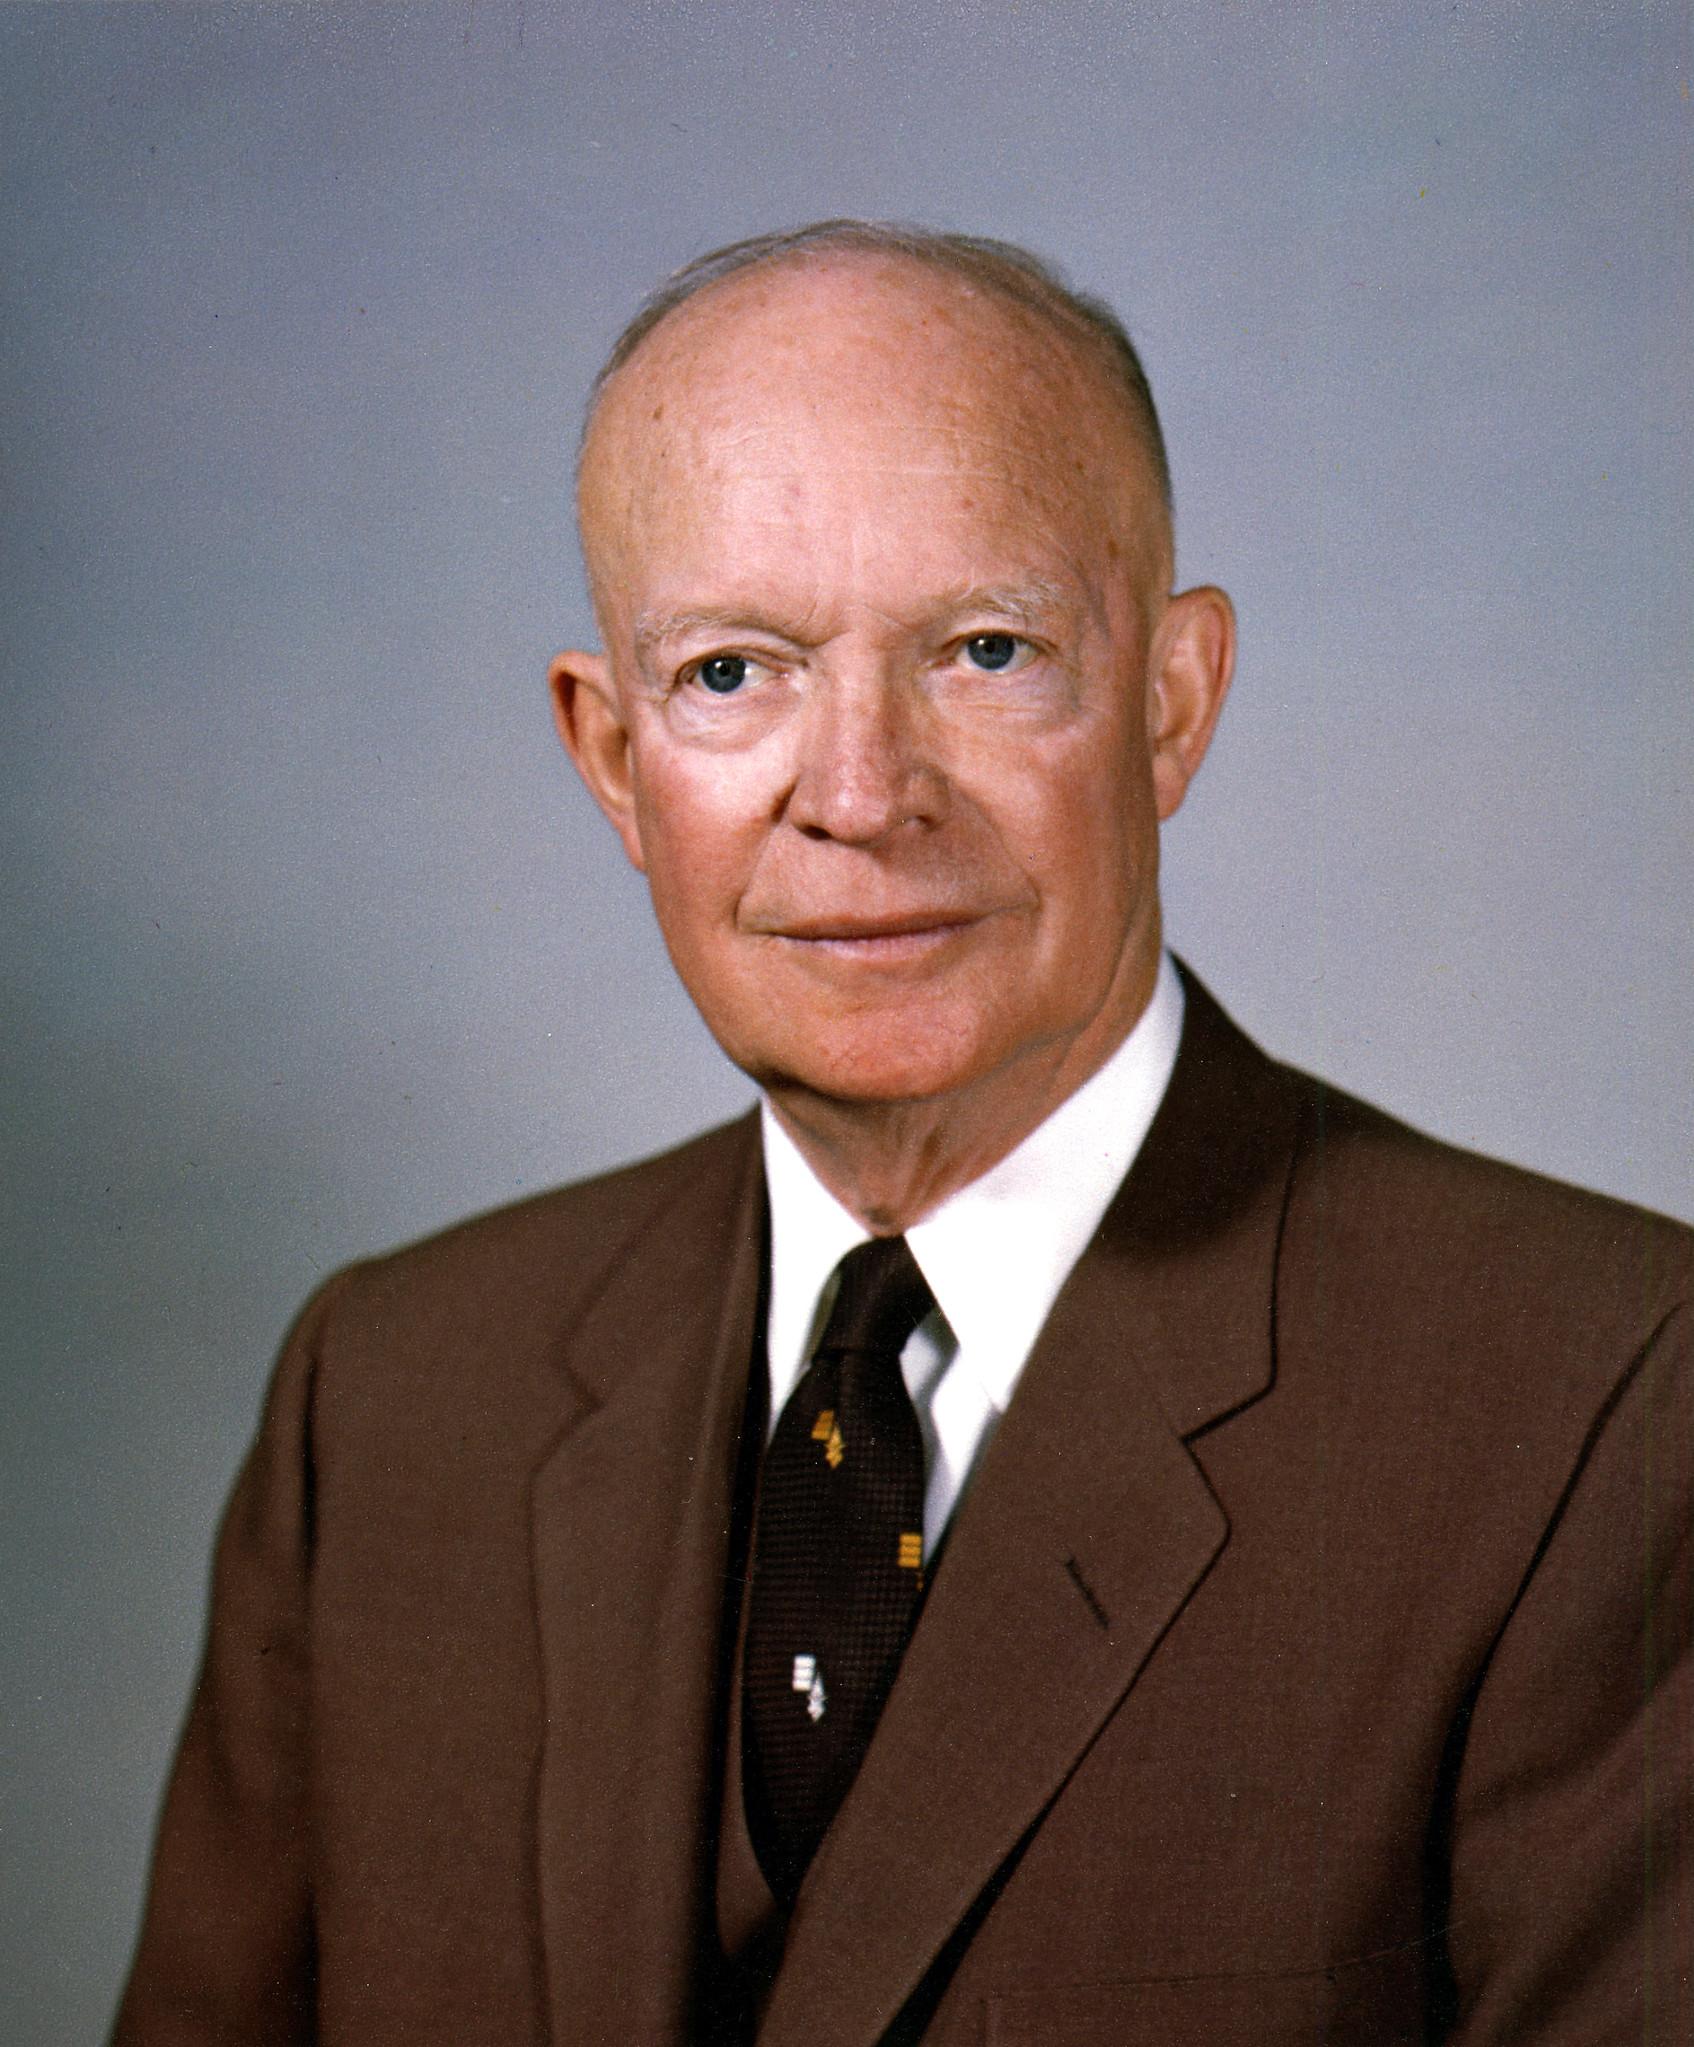 Dwight D. Eisenhower. White House portrait, February 1959